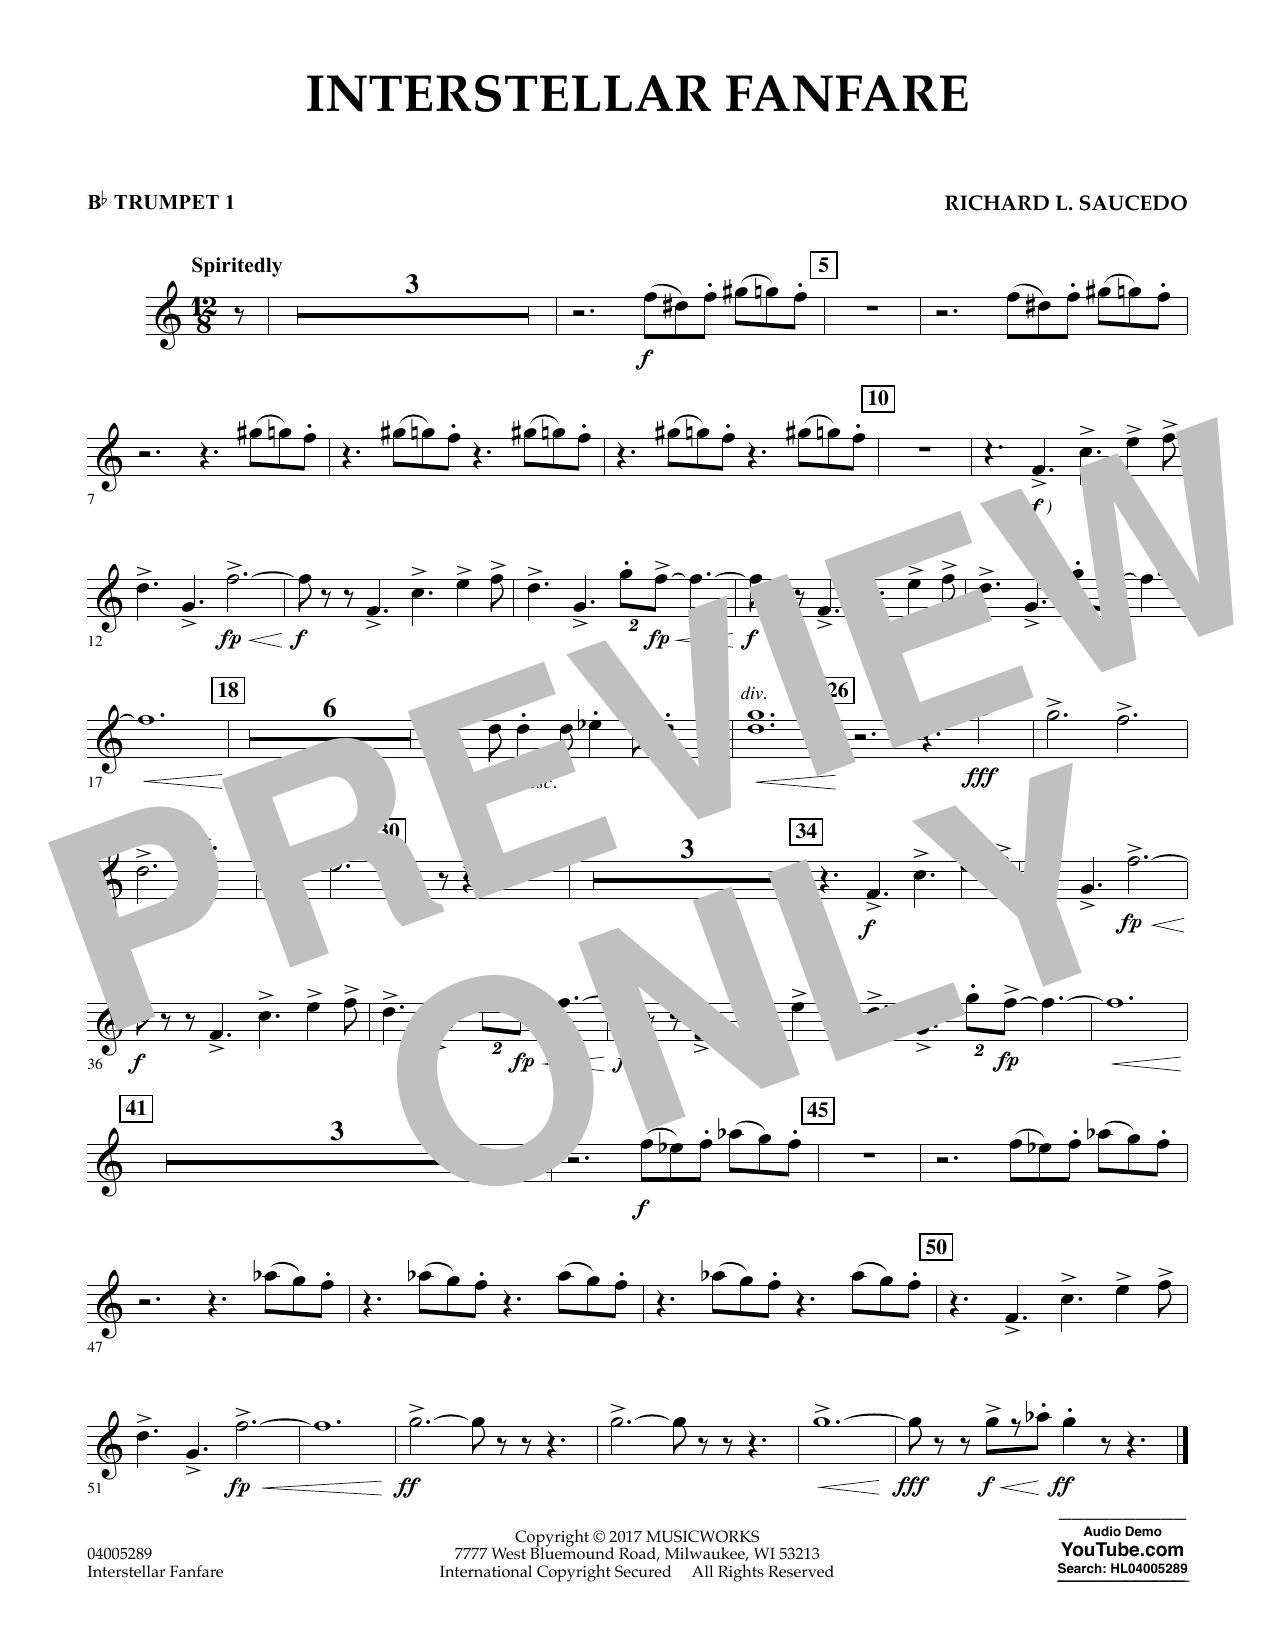 Richard L. Saucedo Interstellar Fanfare - Bb Trumpet 1 sheet music notes printable PDF score